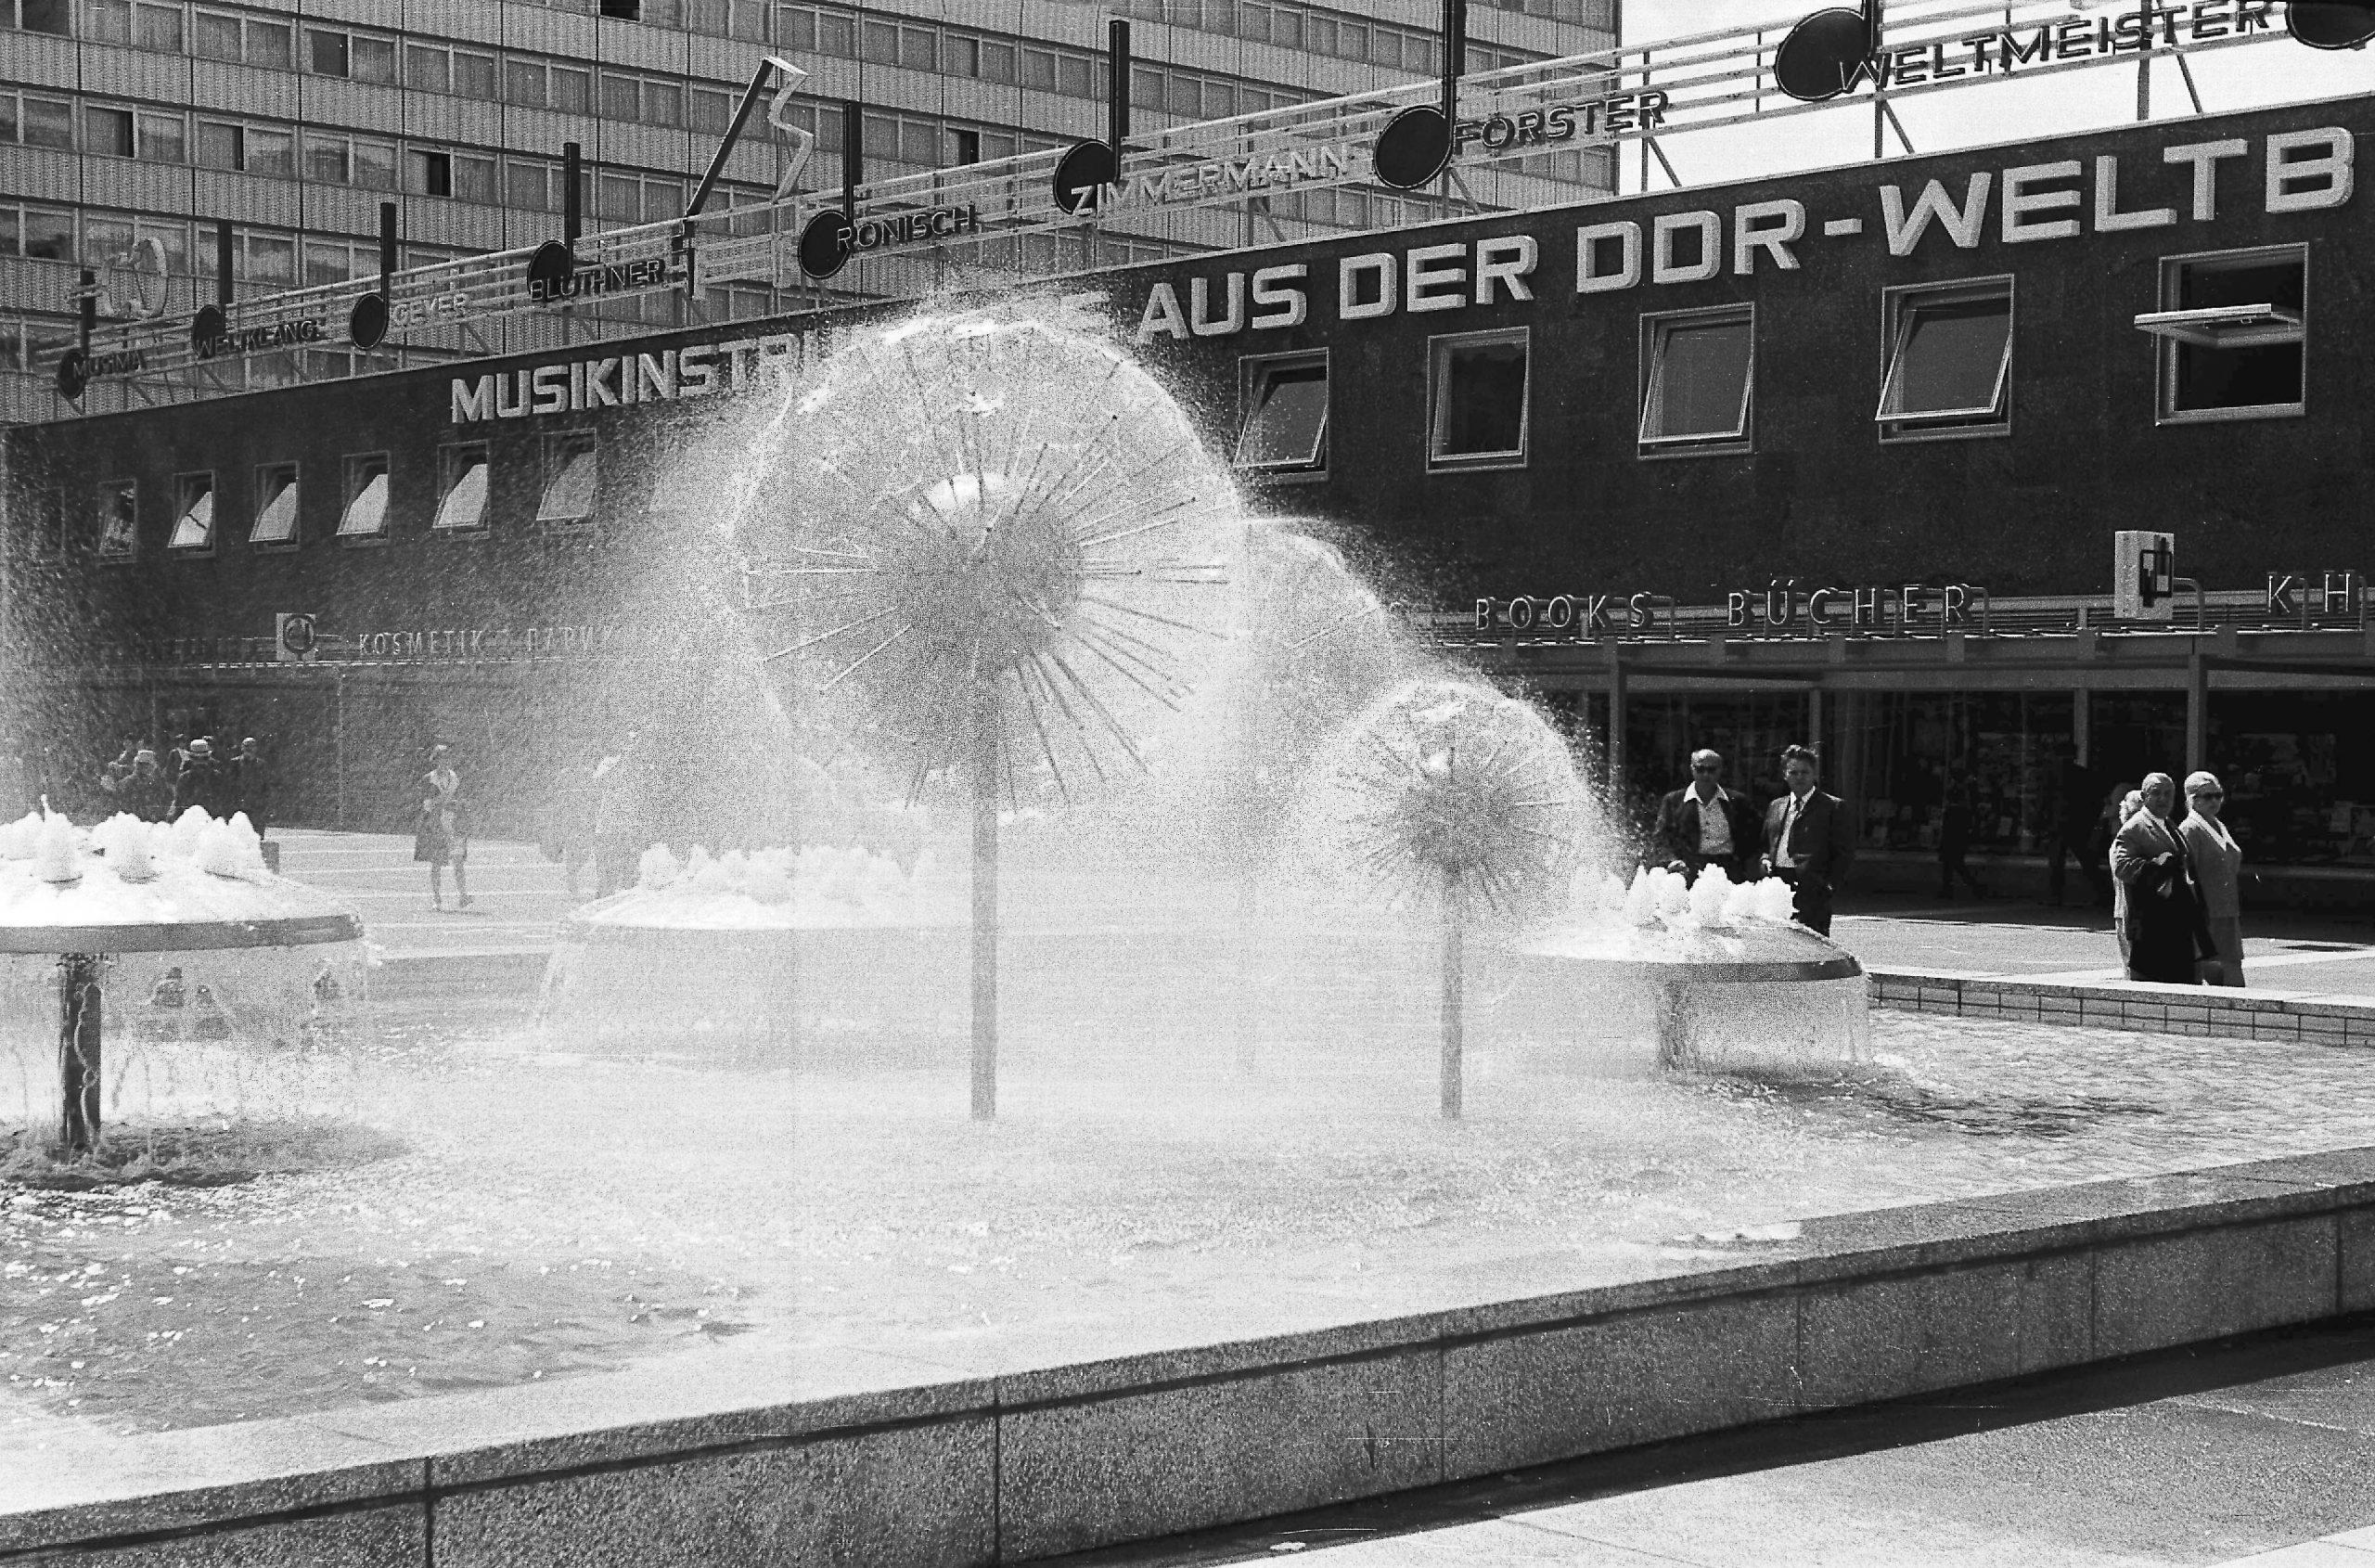 Pusteblumenbrunnen in Dresden, historische Aufnahme